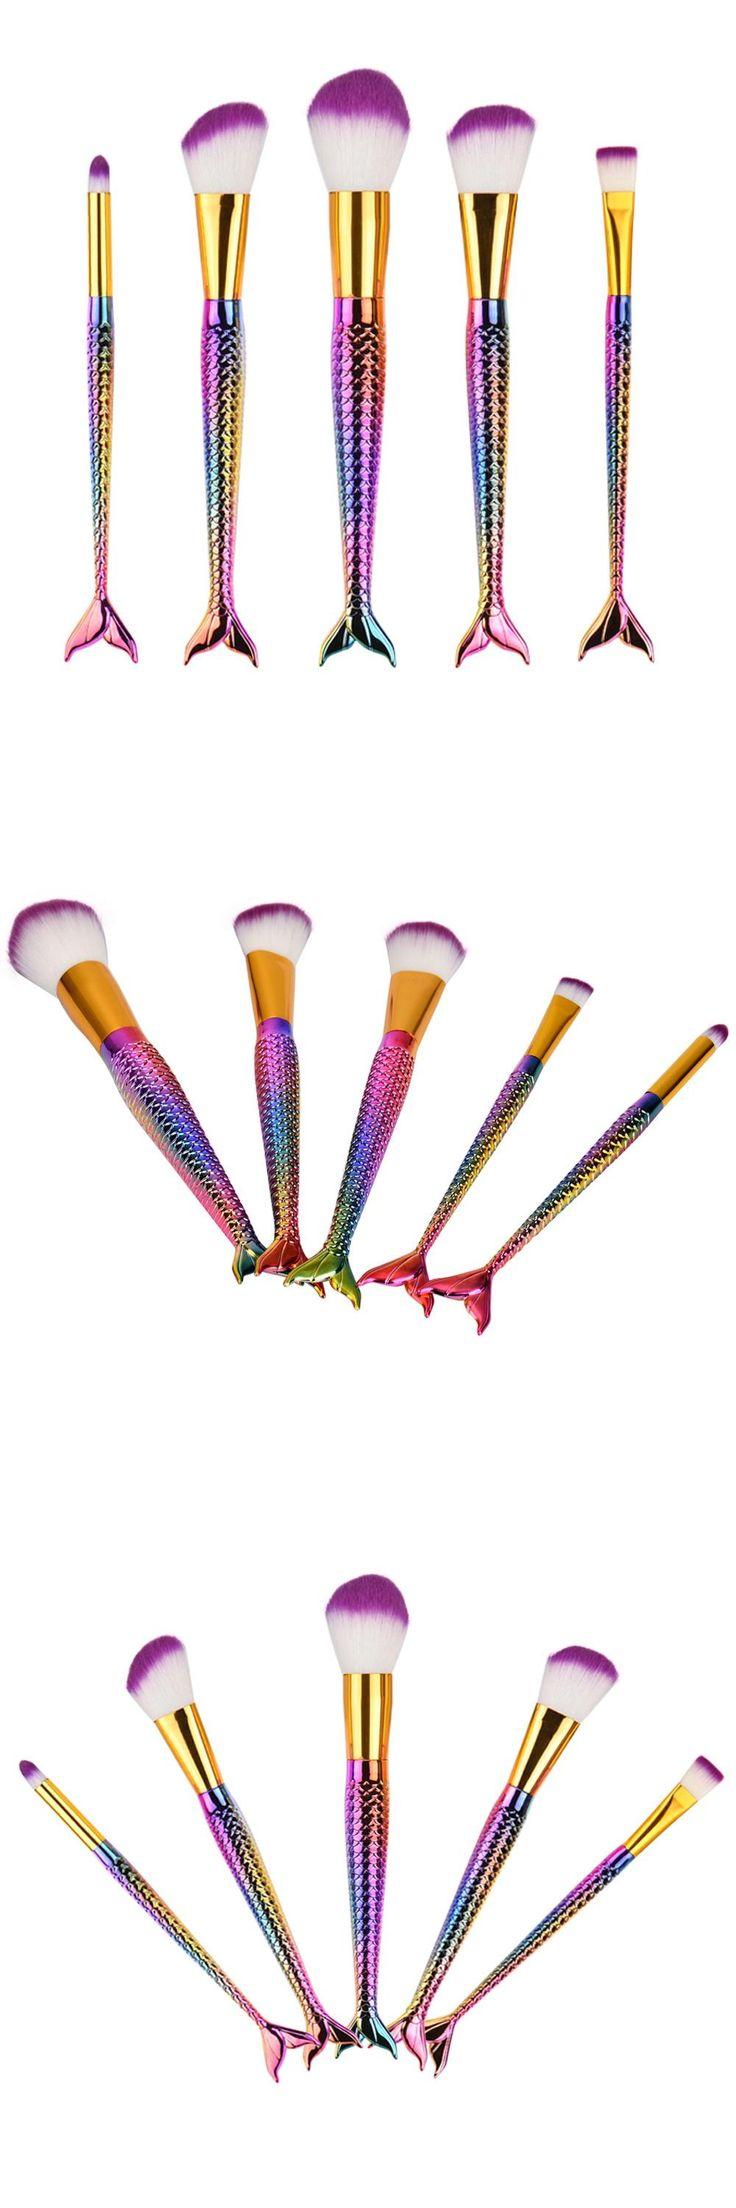 [Visit to Buy] 5pcs/Set Mermaid Tail Cosmetic Makeup Brushes Kit Foundation Eyebrow Eyeliner Blush Powder Brush #Advertisement